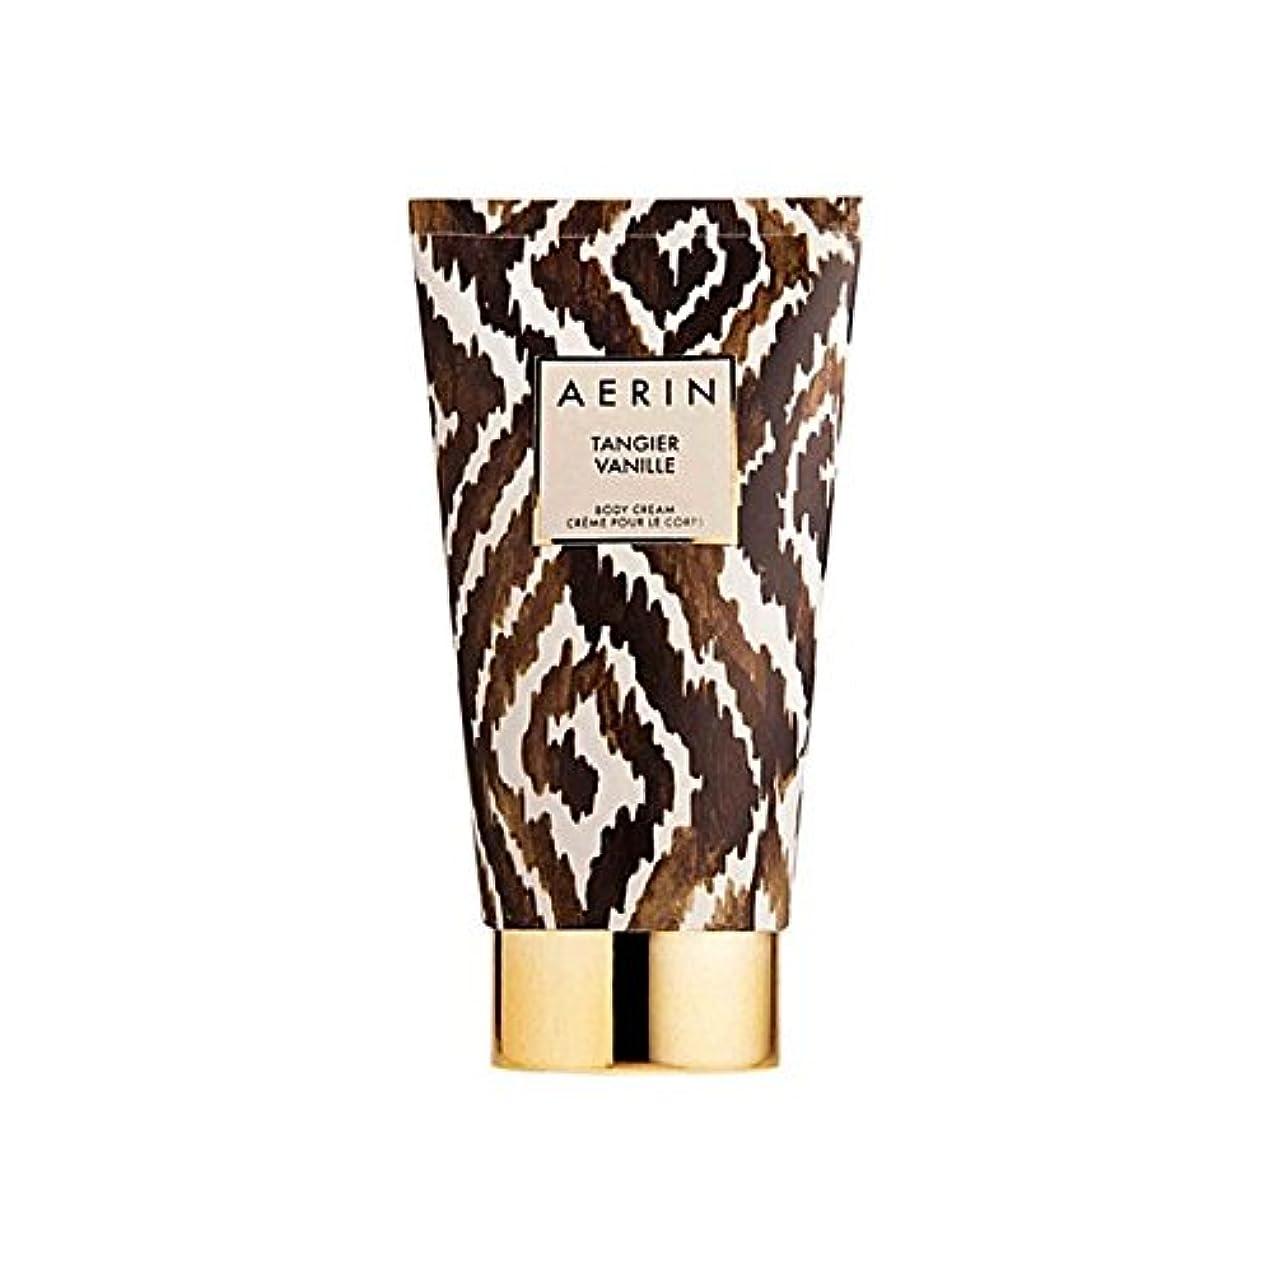 ハミングバード恵みディスクタンジールヴァニラボディクリーム x4 - Aerin Tangier Vanille Body Cream (Pack of 4) [並行輸入品]